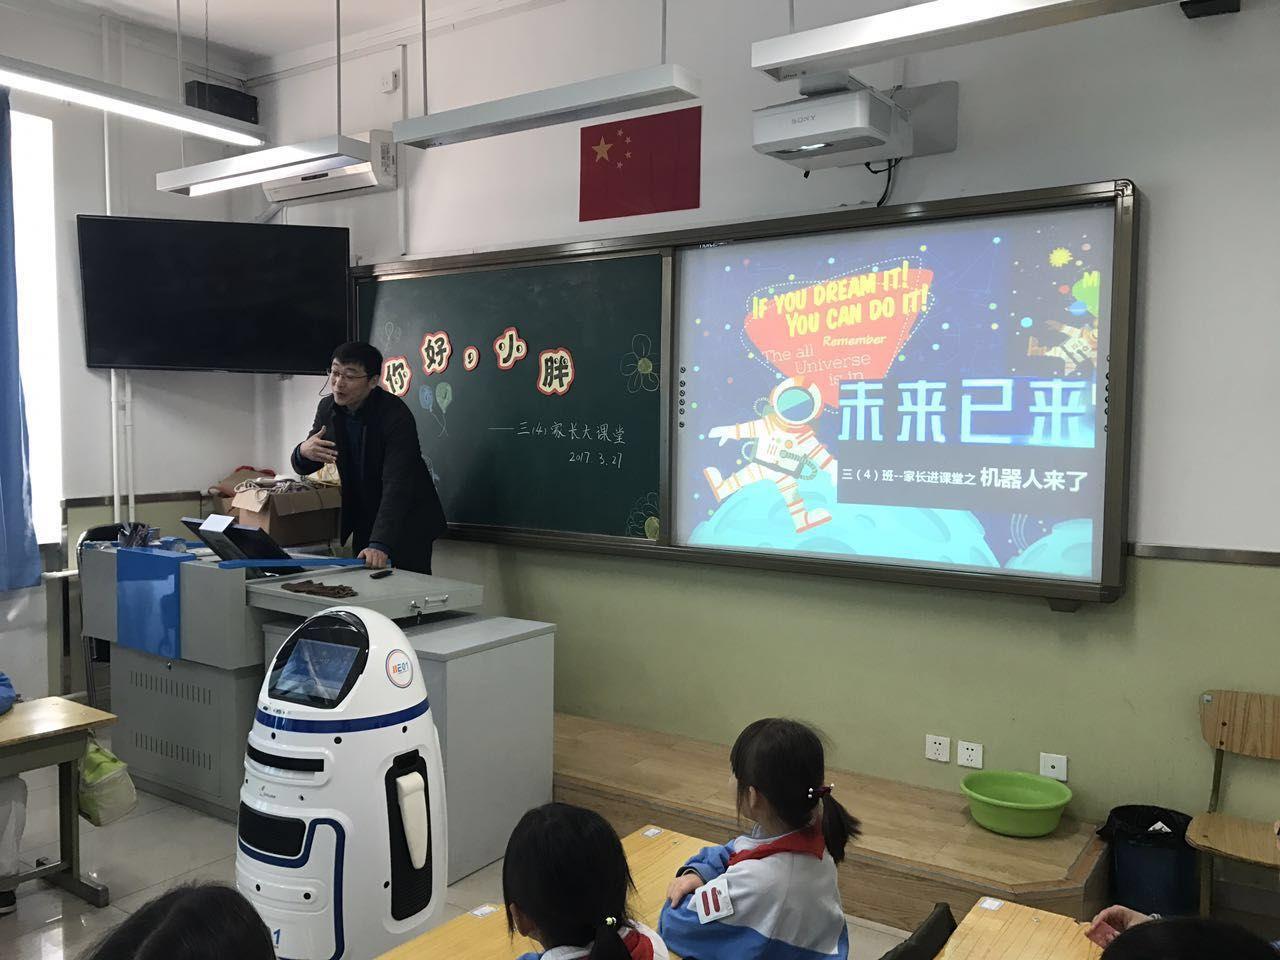 昆明小胖助教机器人